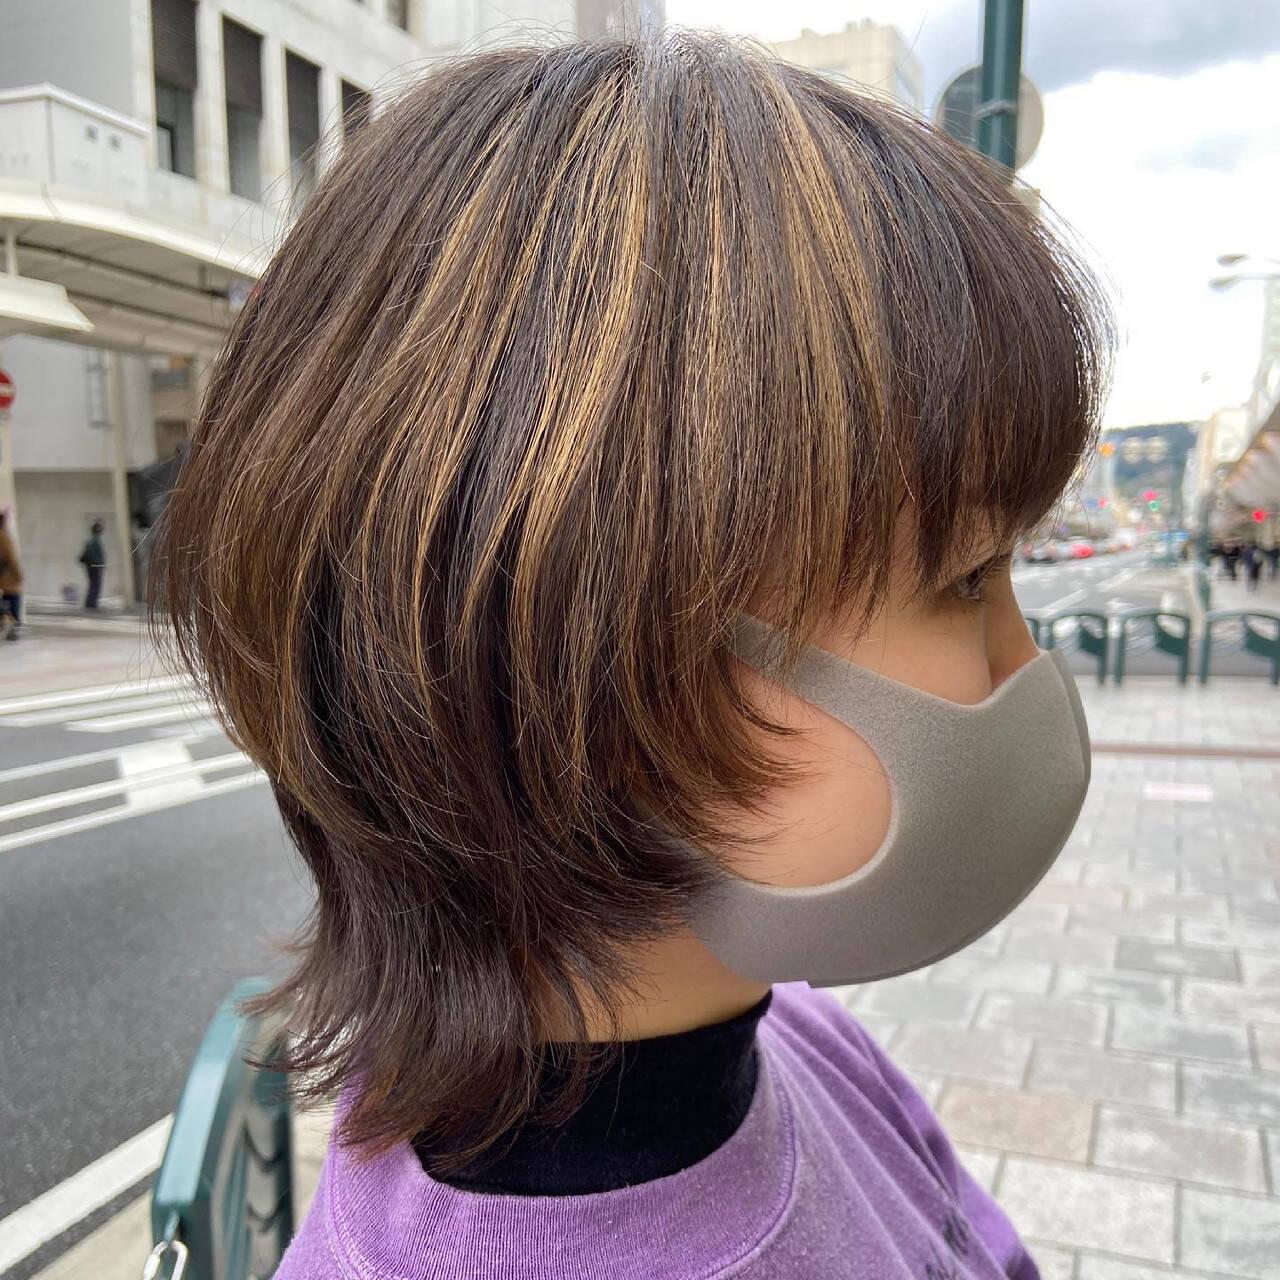 インナーカラー ナチュラルウルフ ウルフカット ニュアンスウルフヘアスタイルや髪型の写真・画像